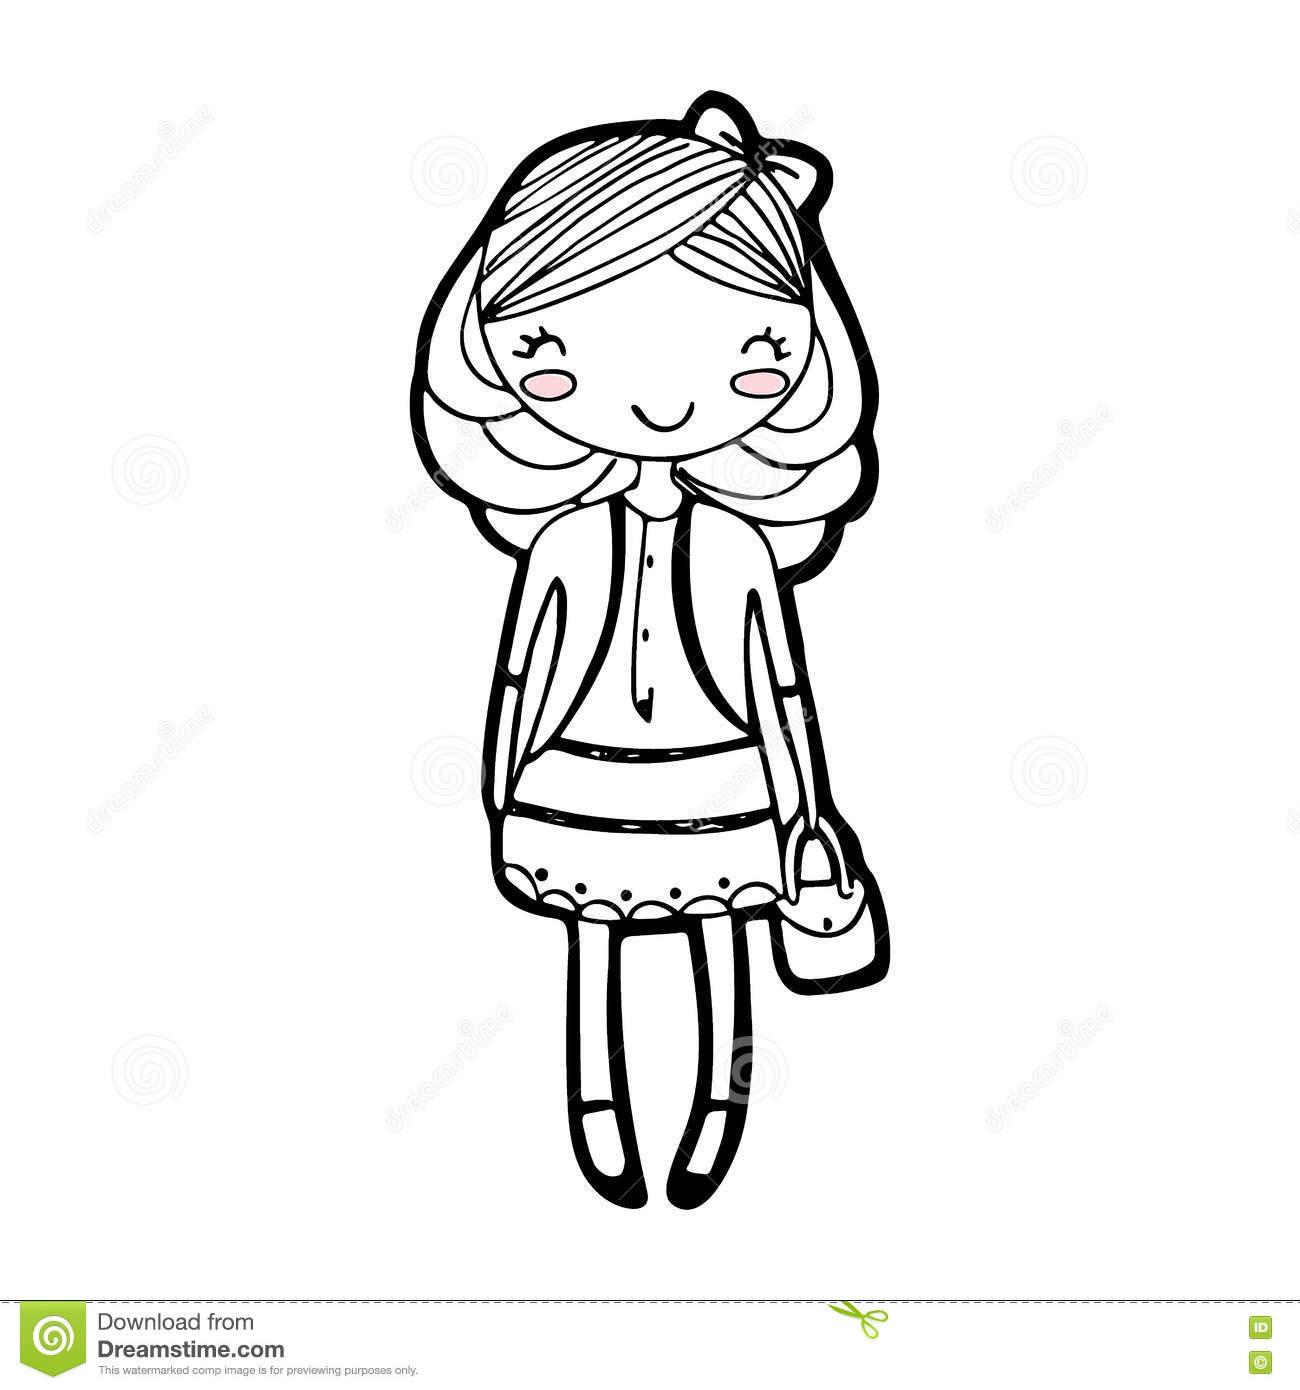 1300x1390 Girl Cartoon Drawing Cute Girl Cartoon Drawing Sketch Vector Stock